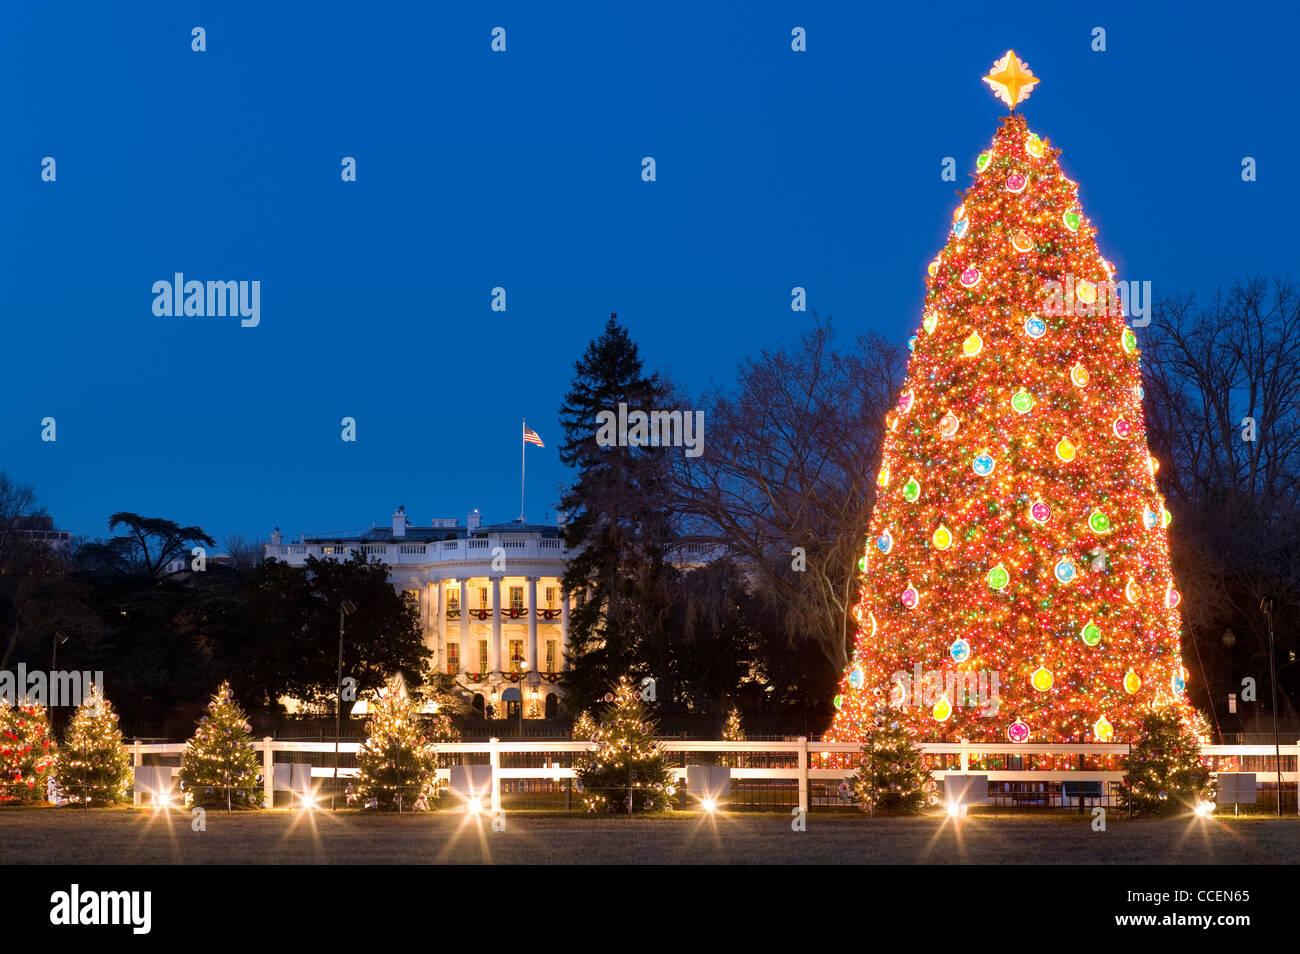 Festliche Beleuchtung von der National Christmas Tree und der Festzug des Friedens vor dem weißen Haus Washington Stockbild